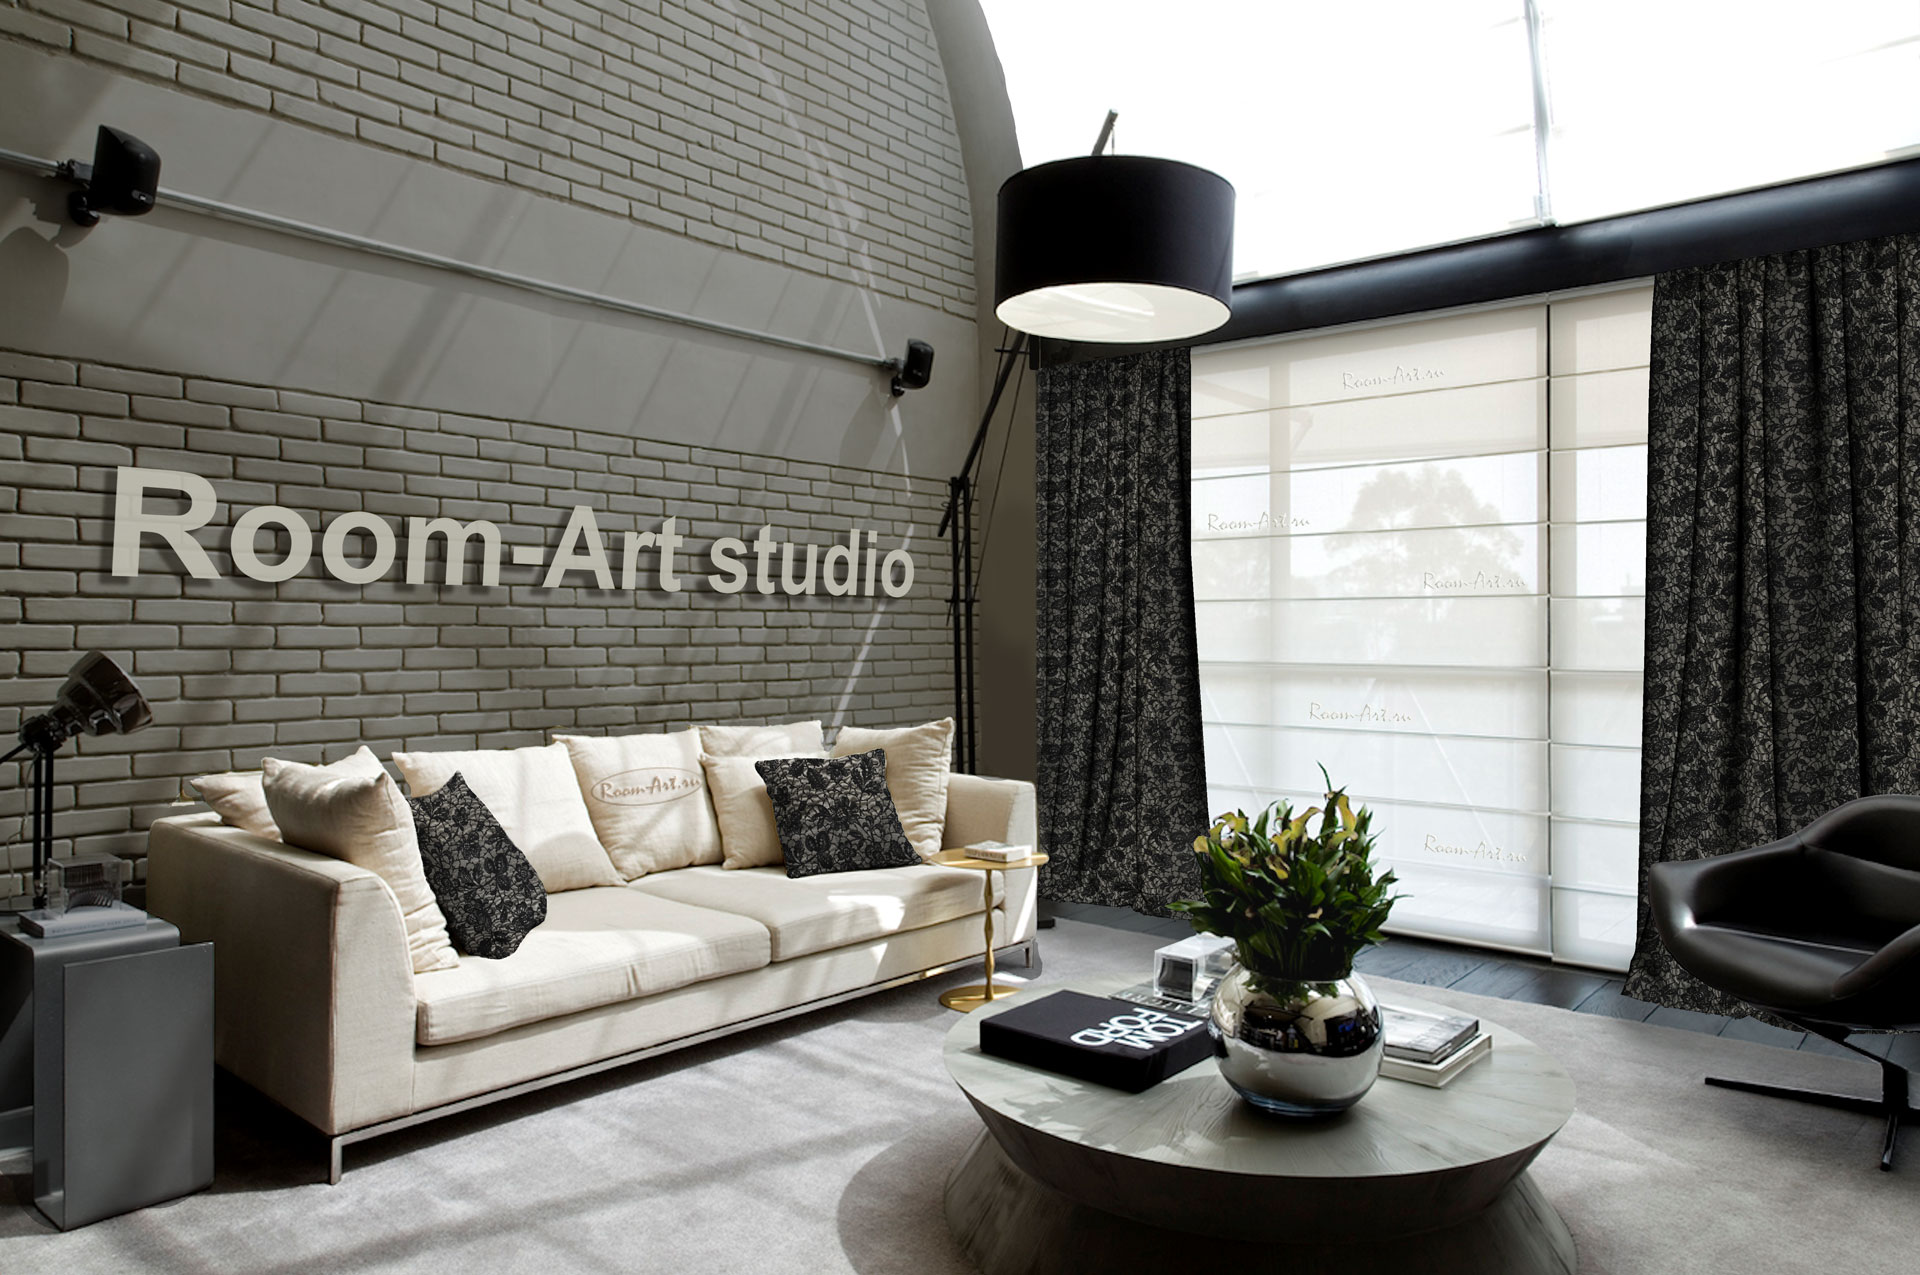 room-art studio